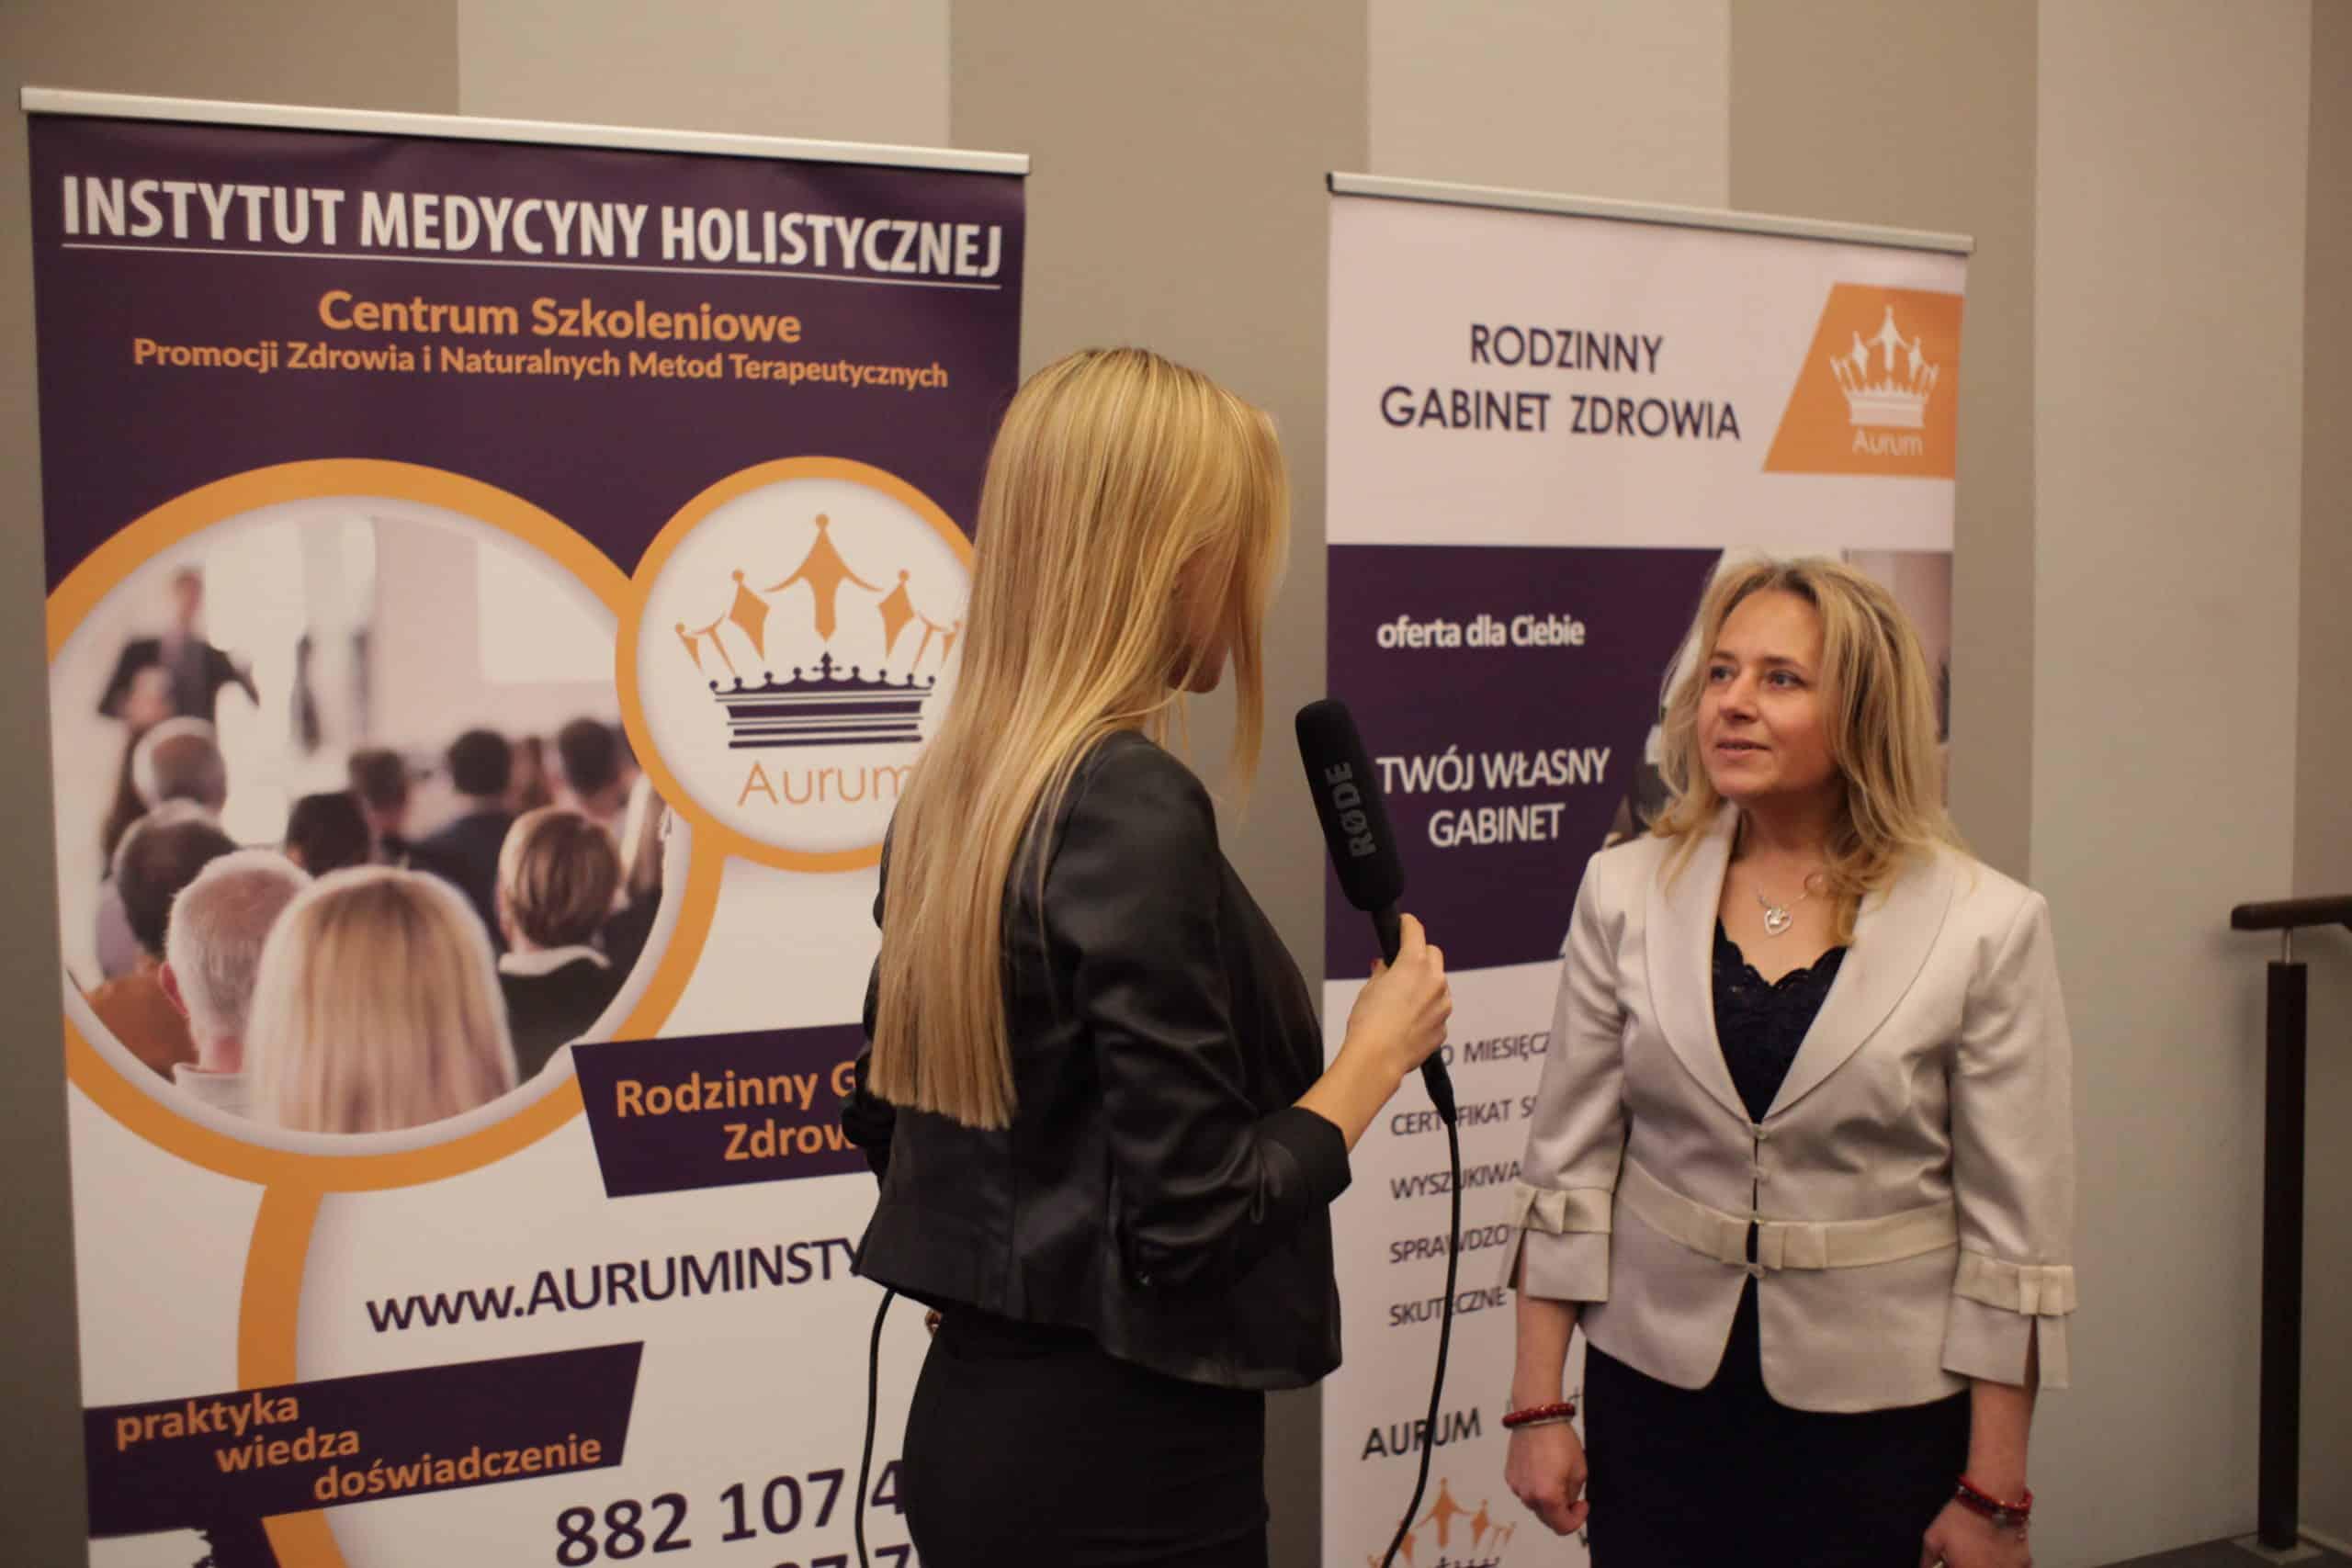 Justyna Chmielewska wywiad Aurum Akademia Diagnosty